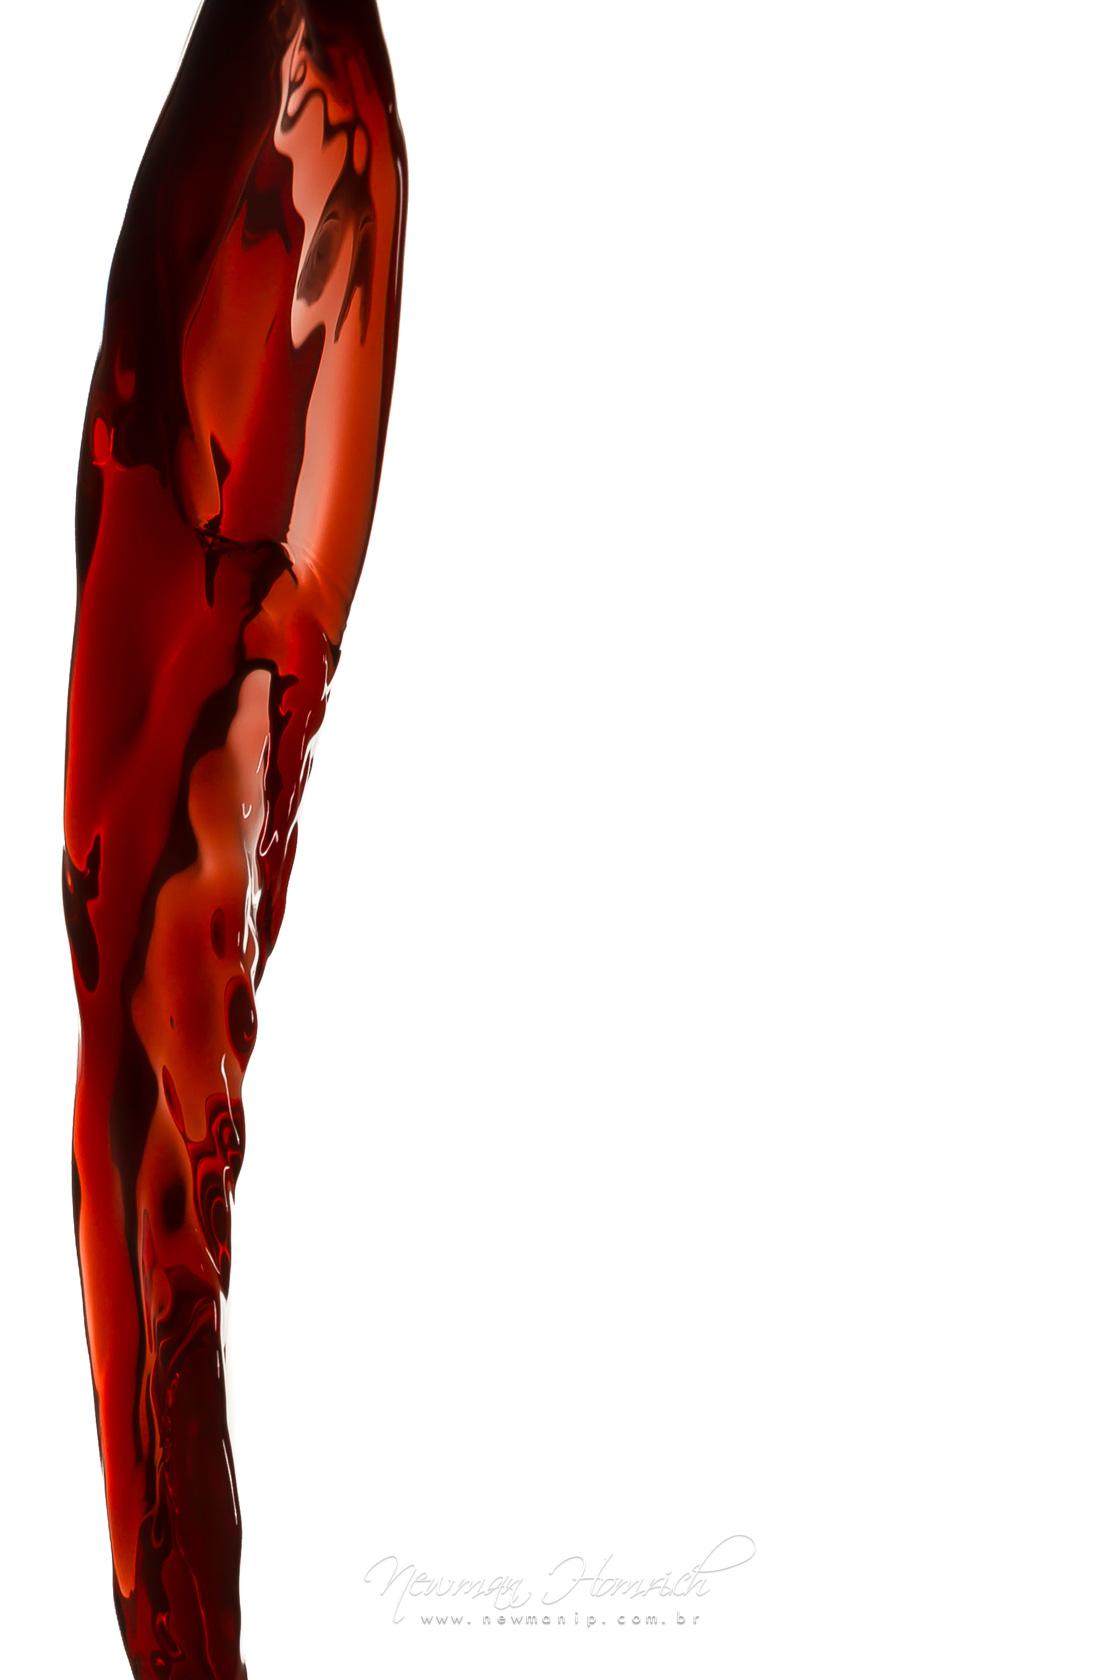 Vinho e formas 01